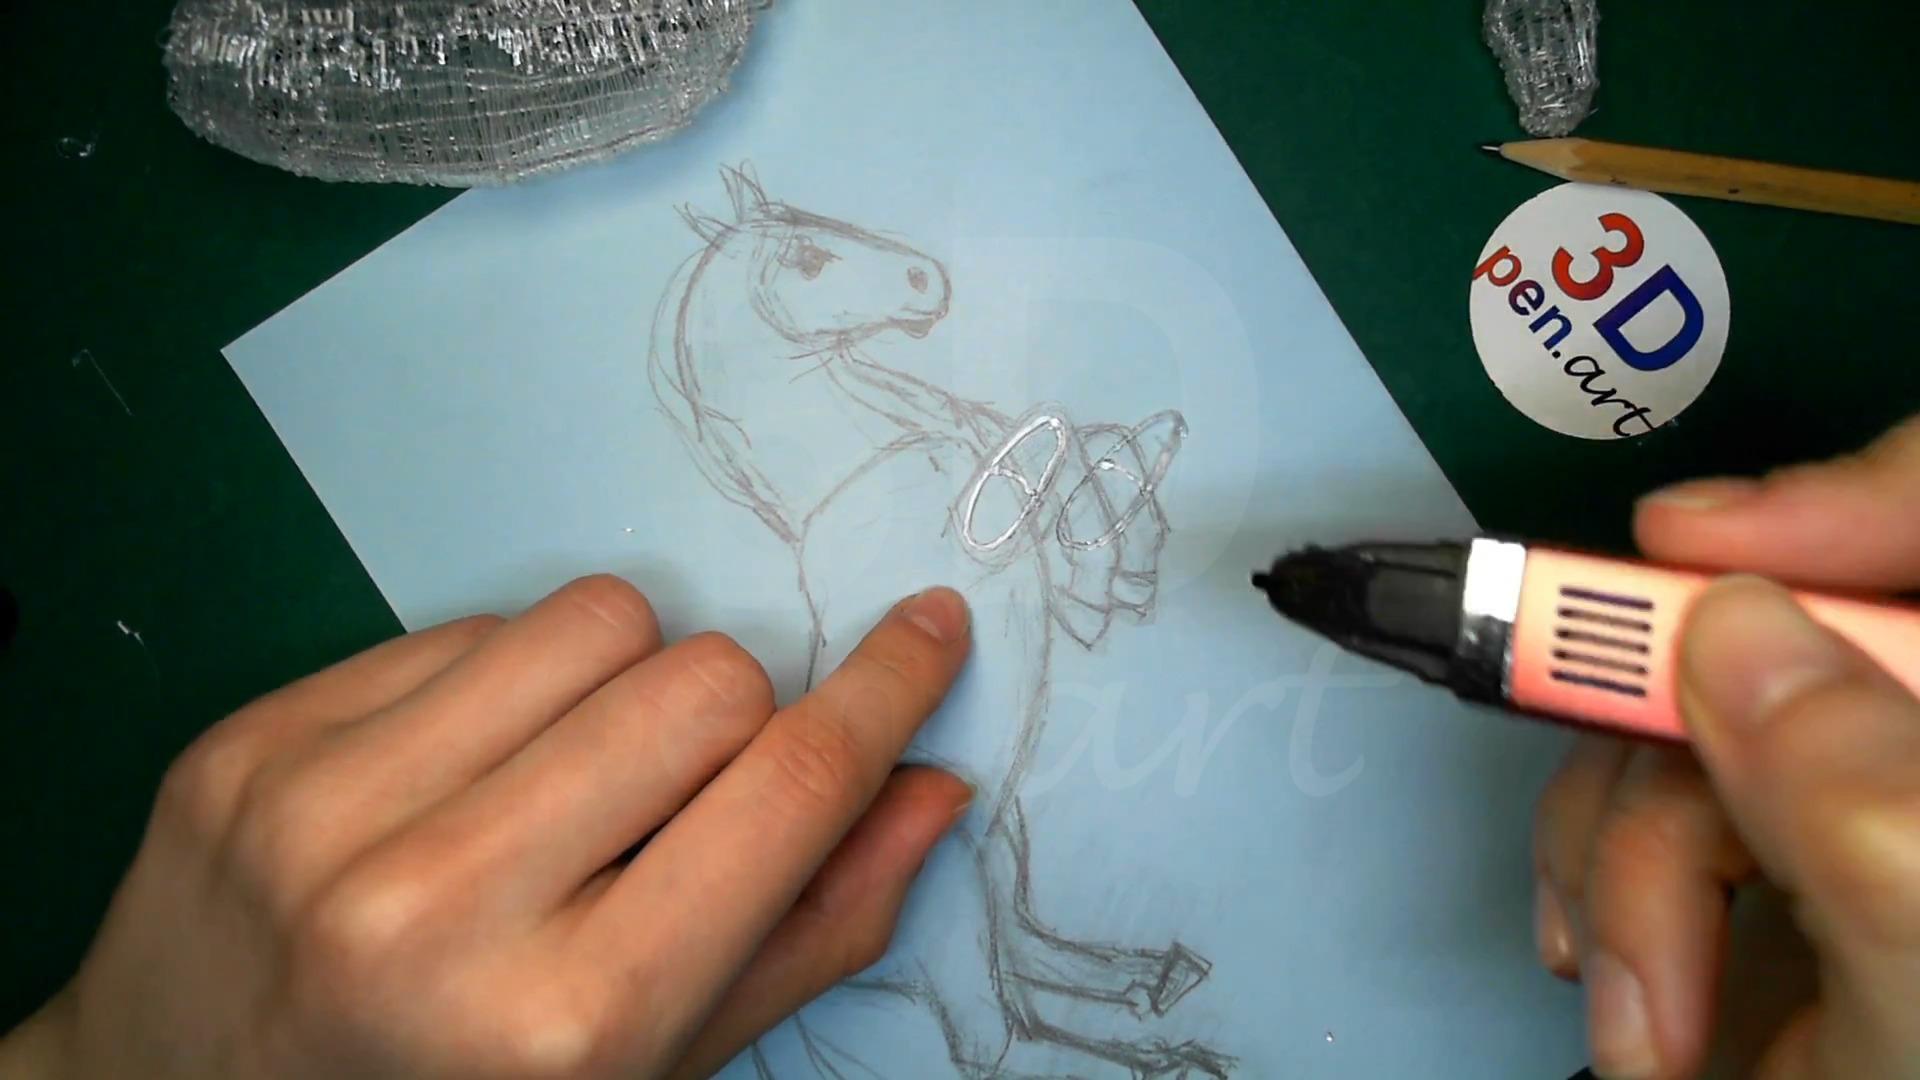 Лошадка 3D ручкой. Каркасы ног. Первая деталь